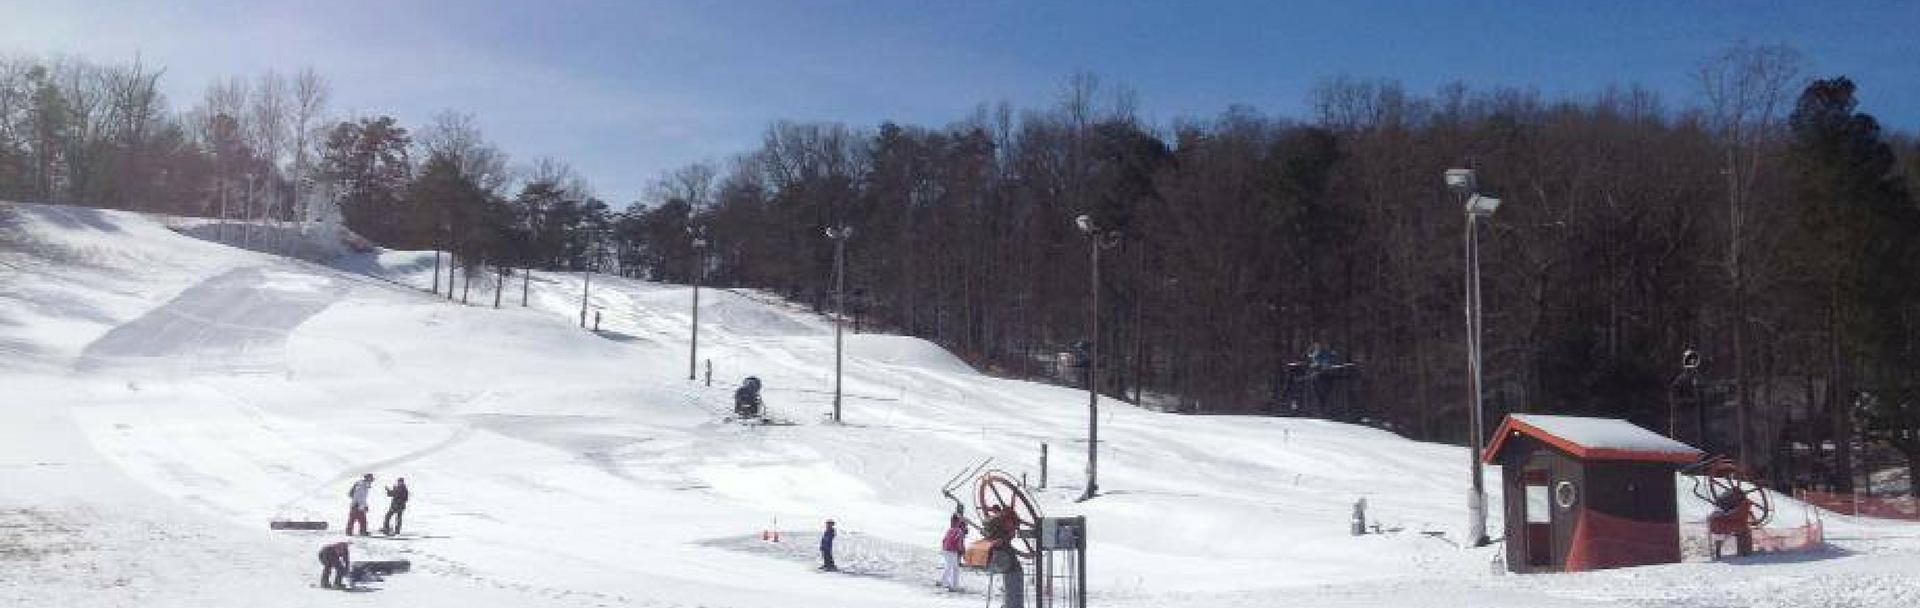 alabama ski resort - visit lookout mountain